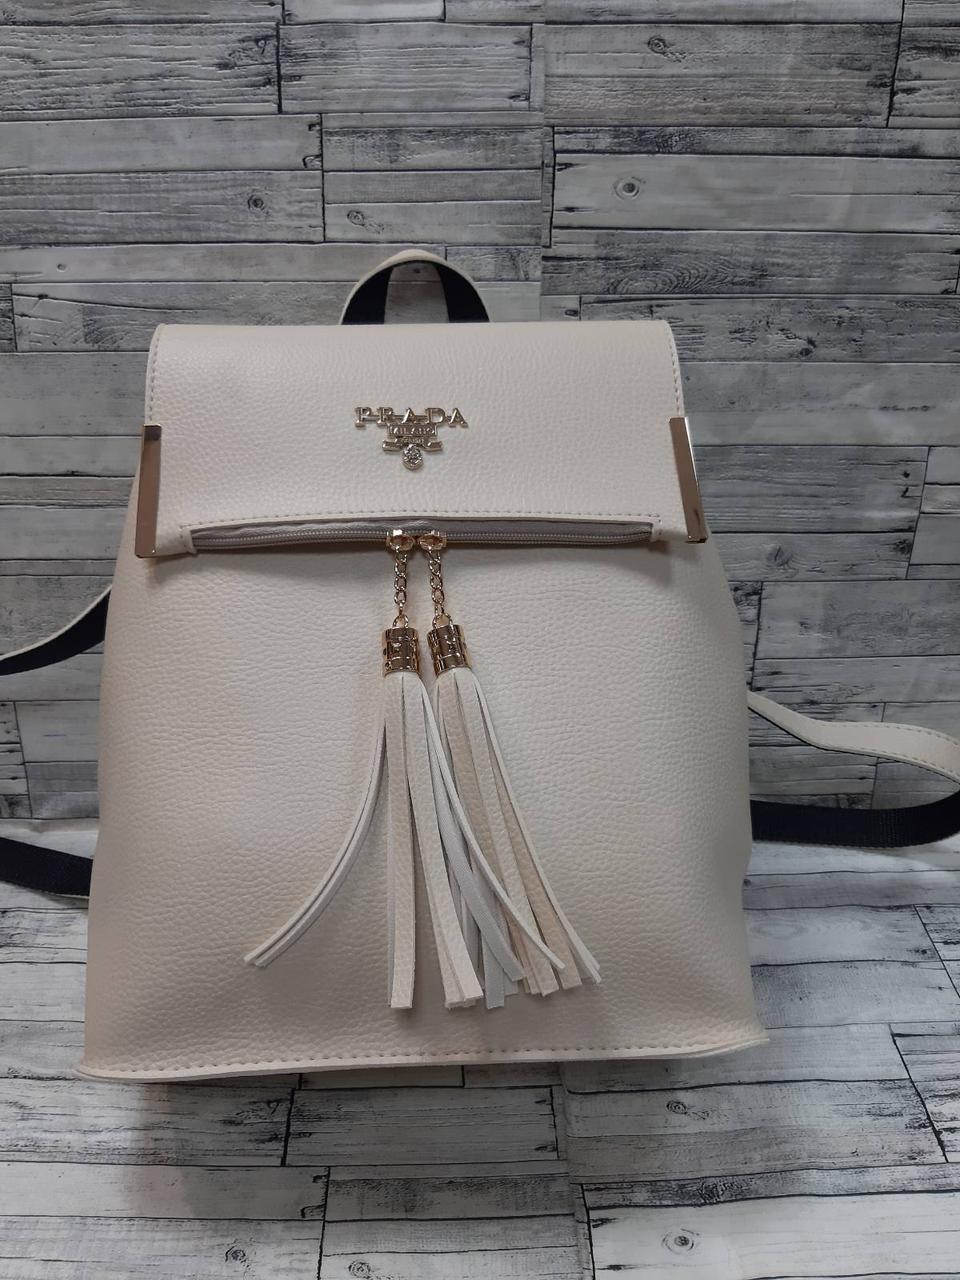 Жіночий рюкзак з клапаном PRADA з еко шкіри молодіжний міський.